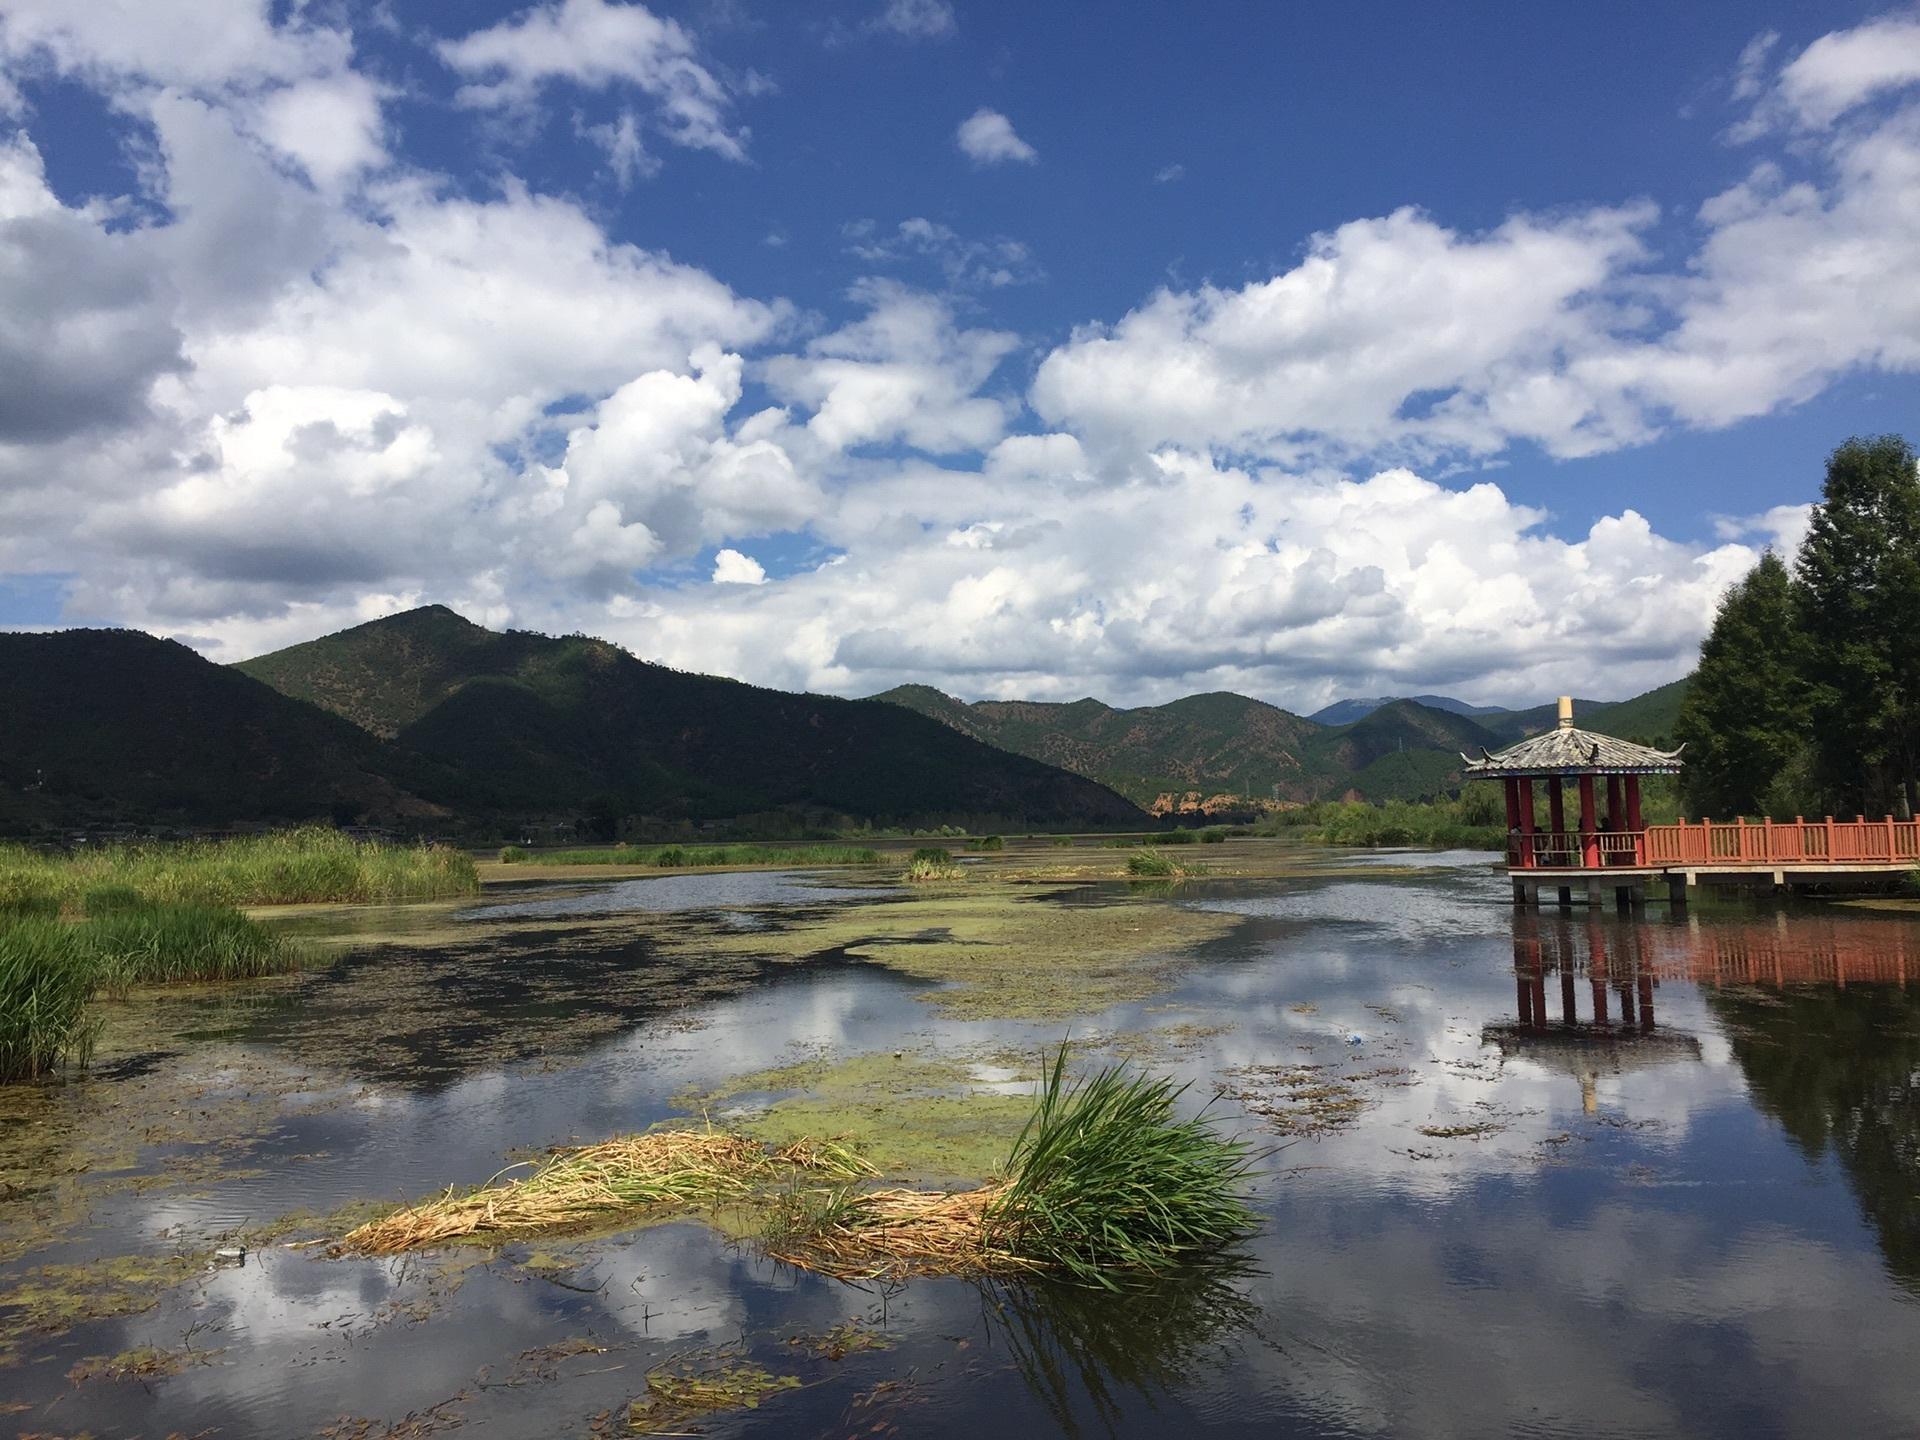 大理桂林和桂林,随心所欲到没攻略,丽江自助游攻略-马蜂窝去贝加尔湖v攻略朋友图片